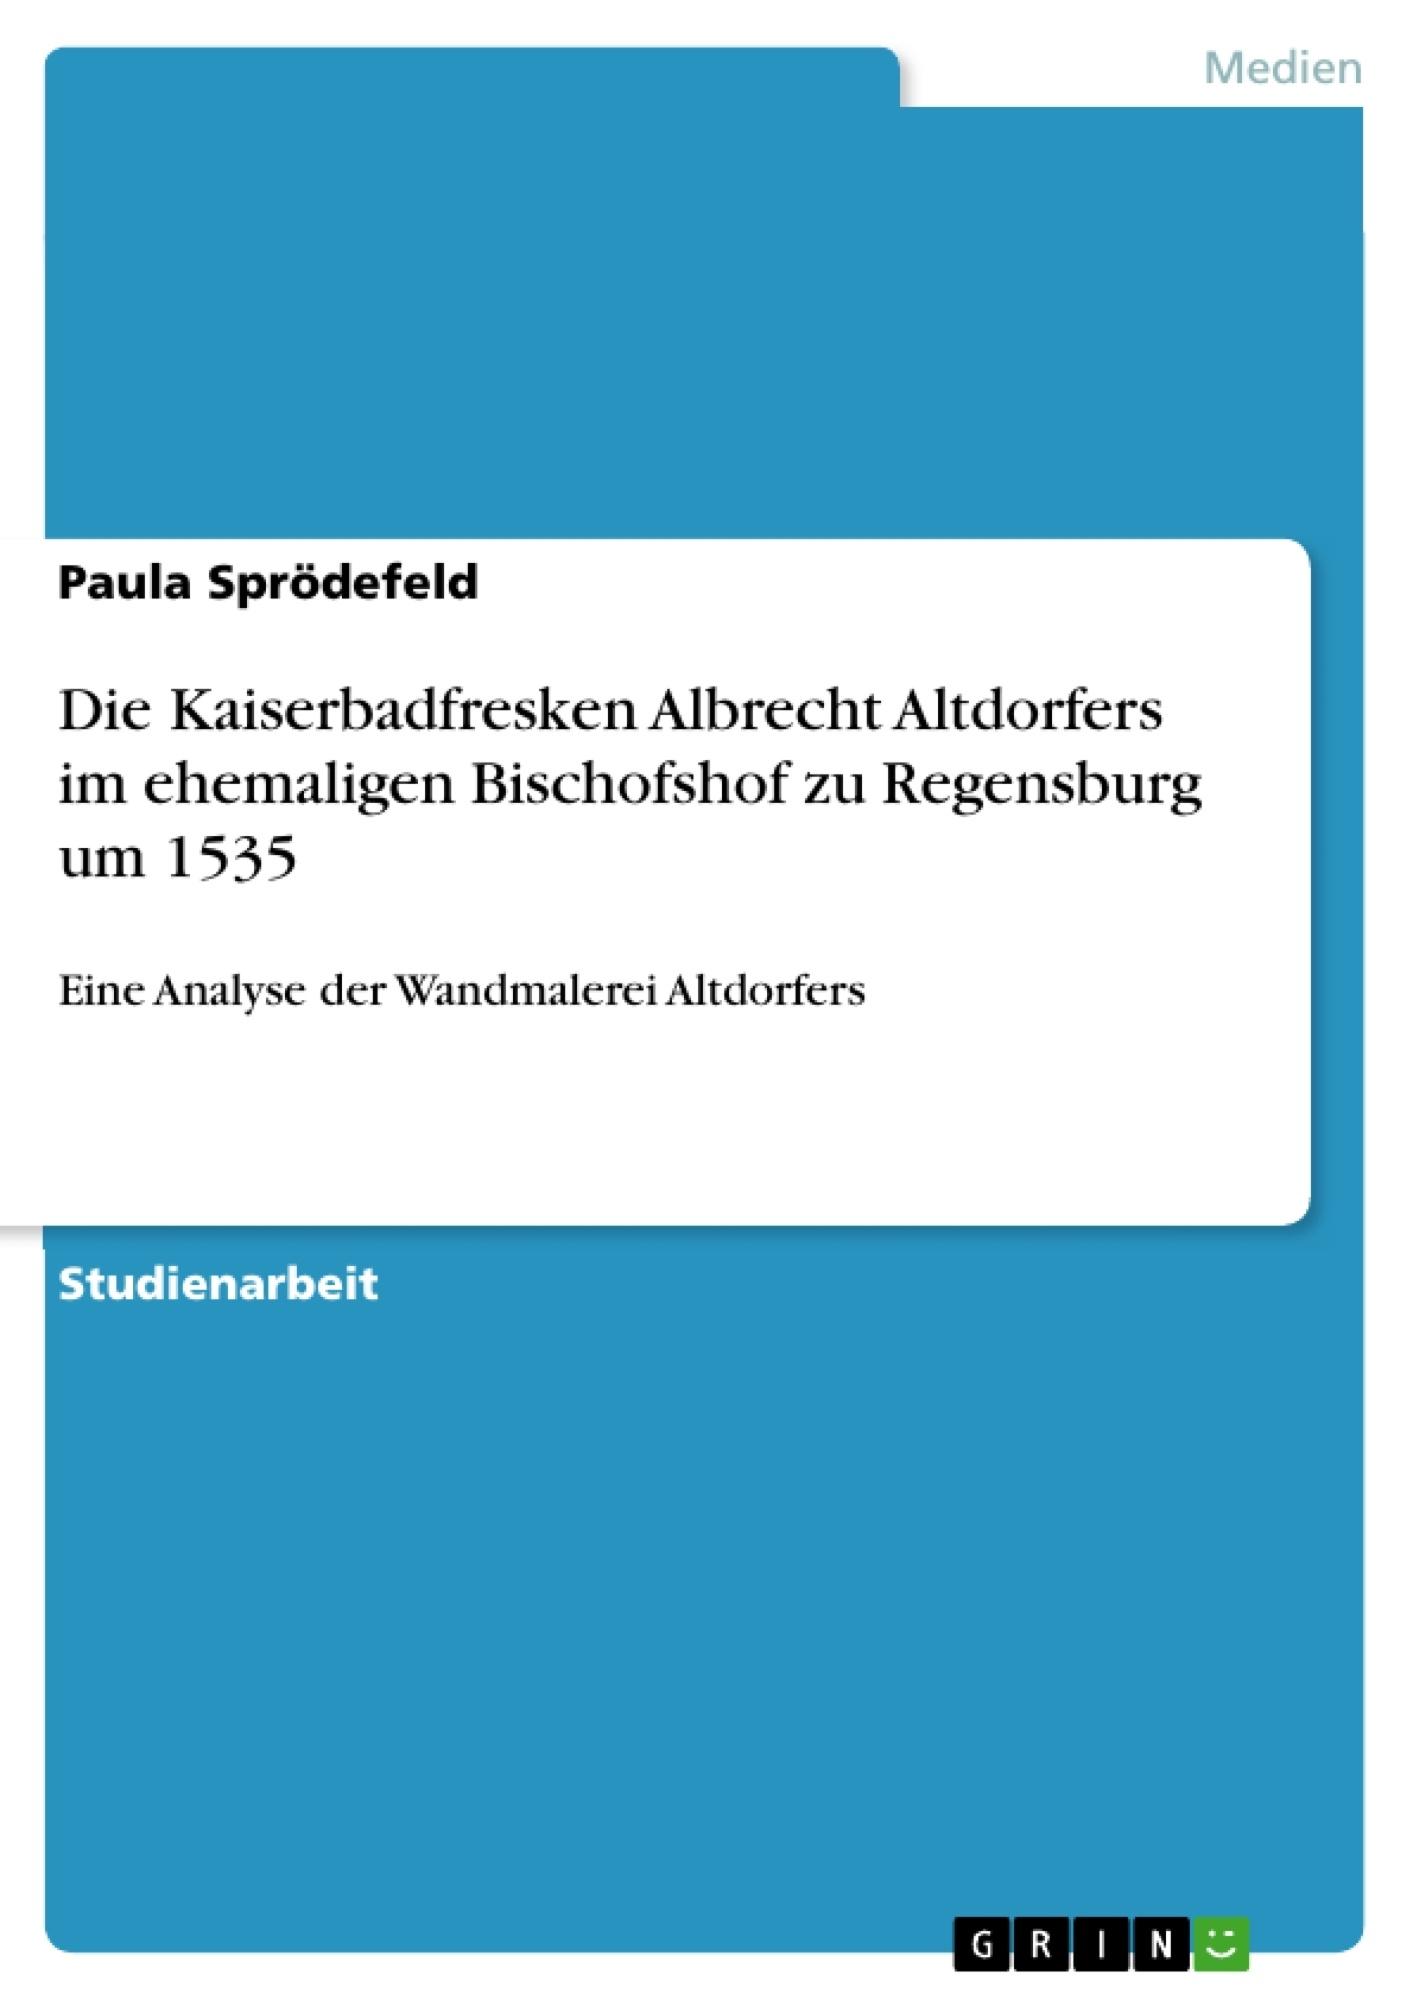 Titel: Die Kaiserbadfresken Albrecht Altdorfers im ehemaligen Bischofshof zu Regensburg um 1535